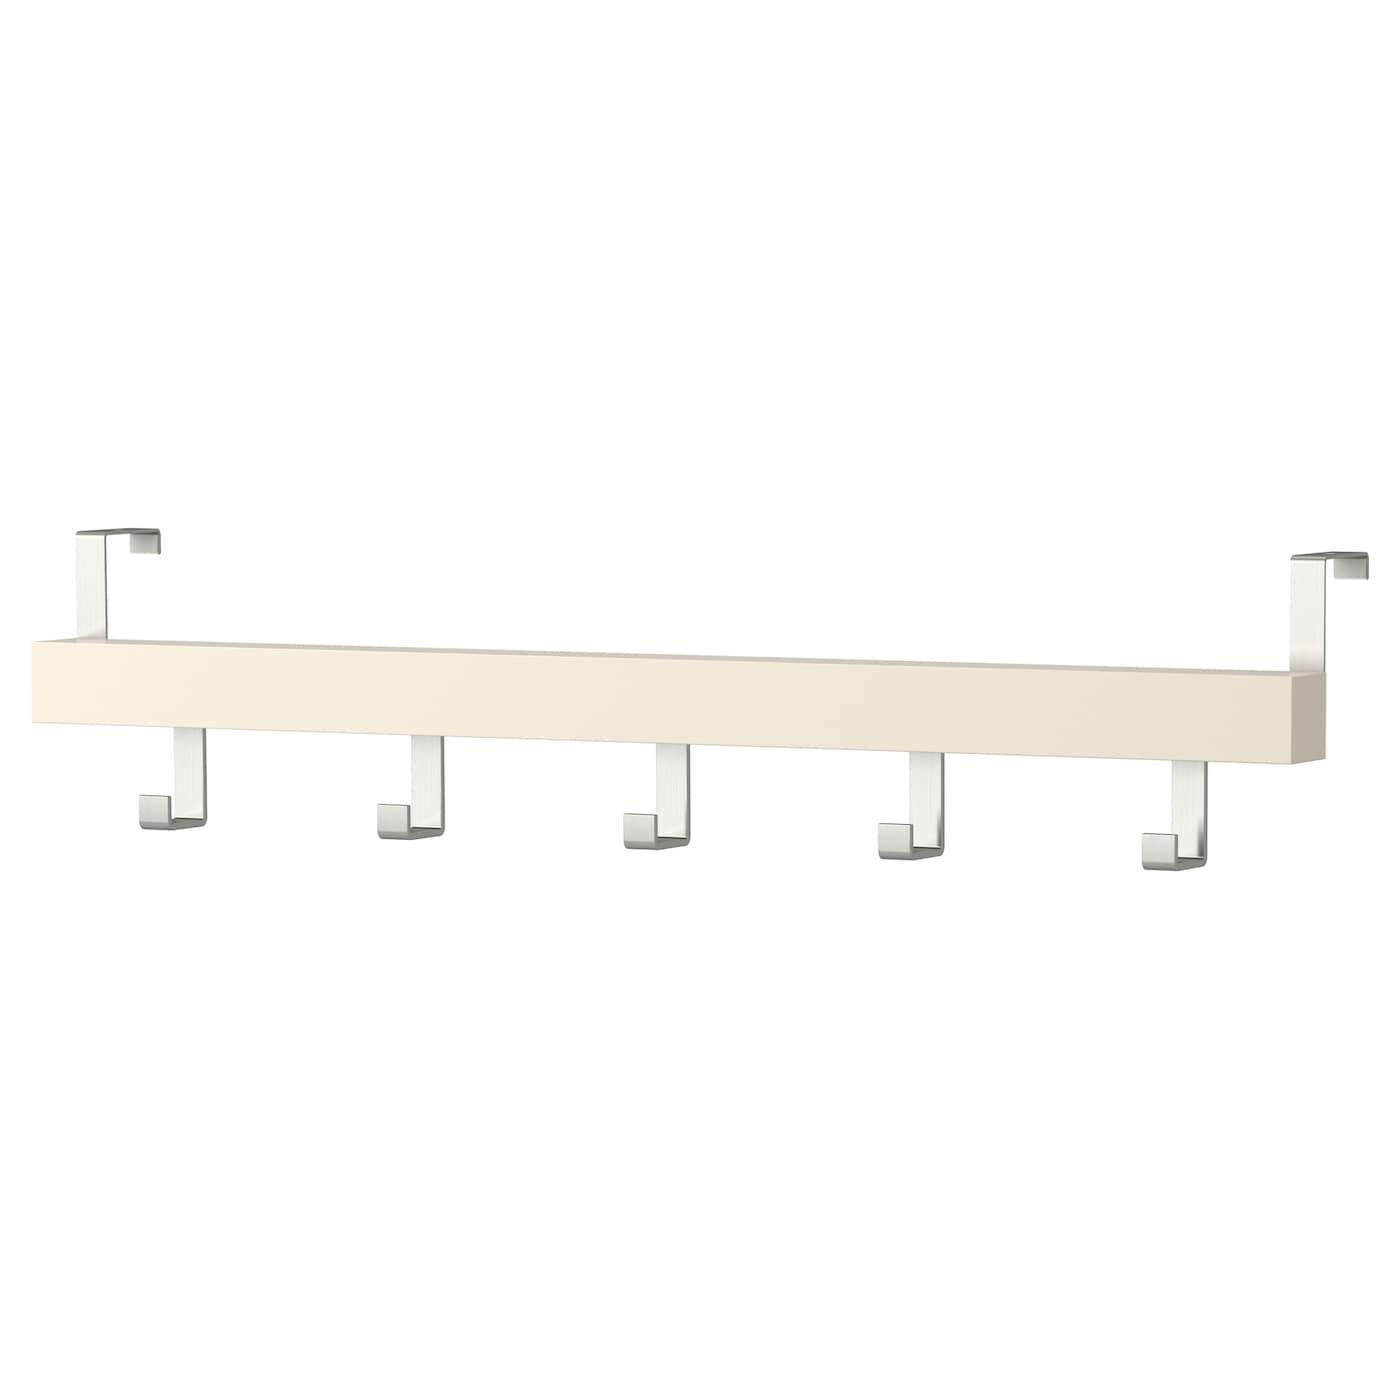 Ikea Tjusig Hanger For Door Wall